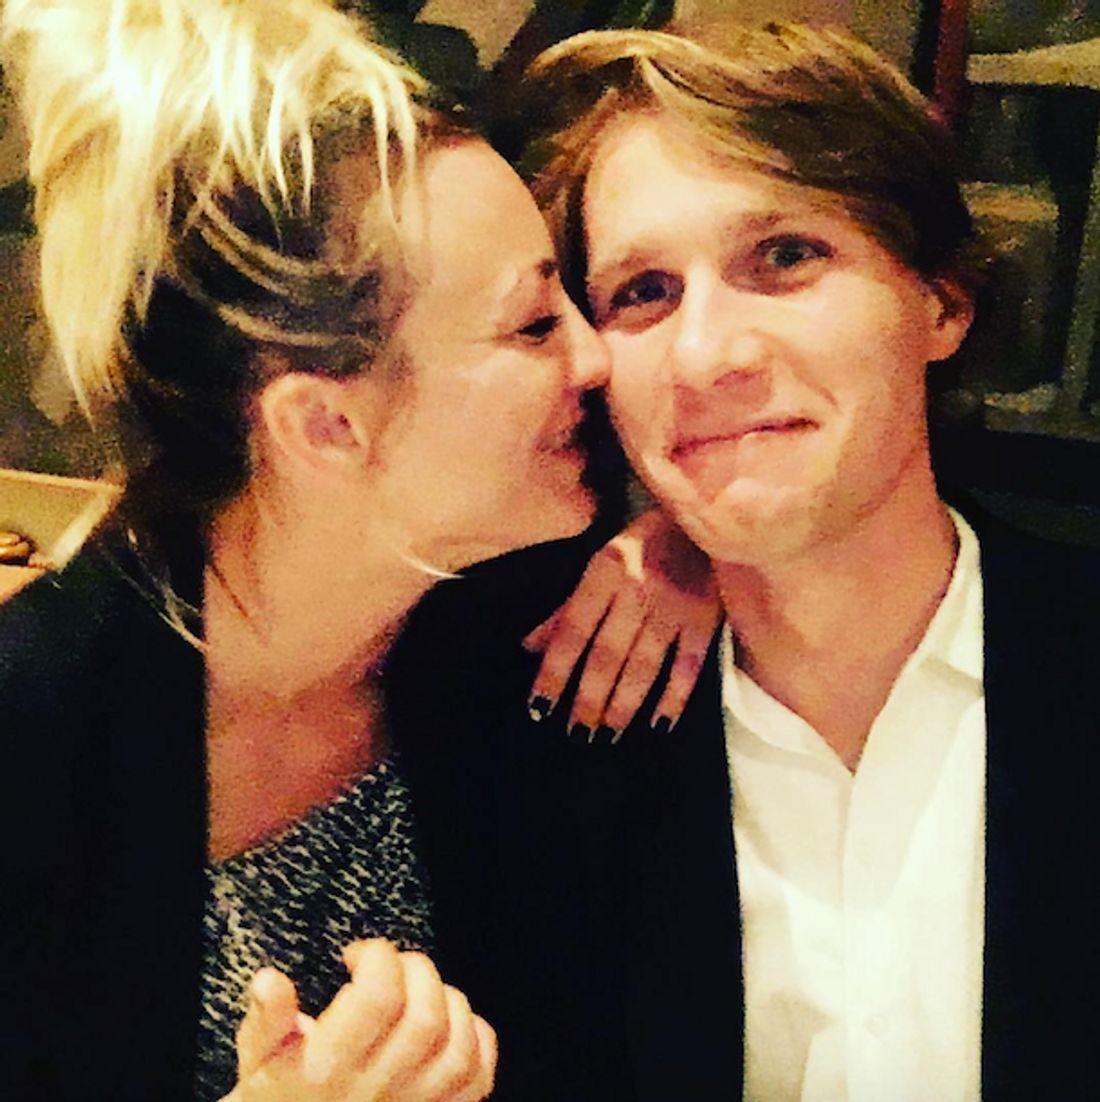 Frischverliebt: Kaley Cuoco postet Liebes-Selfie mit Karl Cook